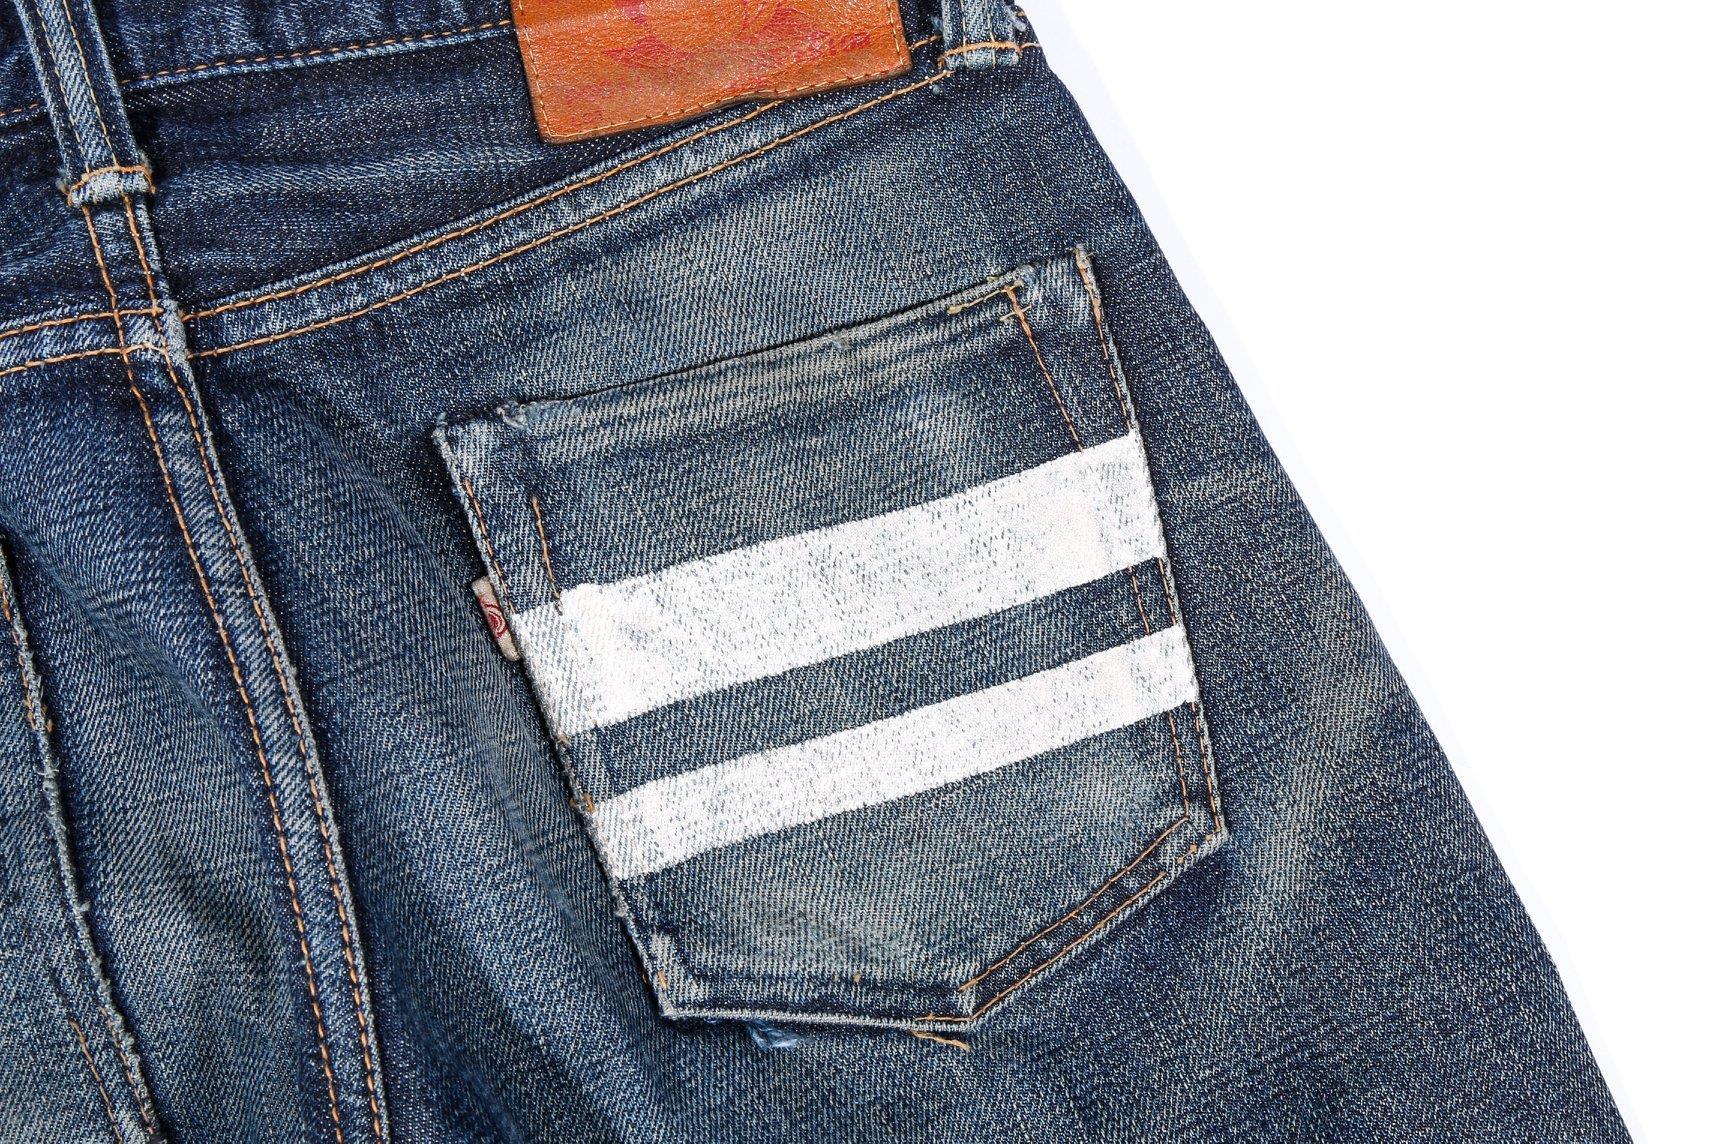 %e6%97%a5%e7%89%9b%e9%a4%8a%e6%88%90%e5%a4%a7%e5%8b%9f%e9%9b%86_momotaro-jeans_0705sp_%e5%8a%89%e9%81%94%e7%be%a9_6